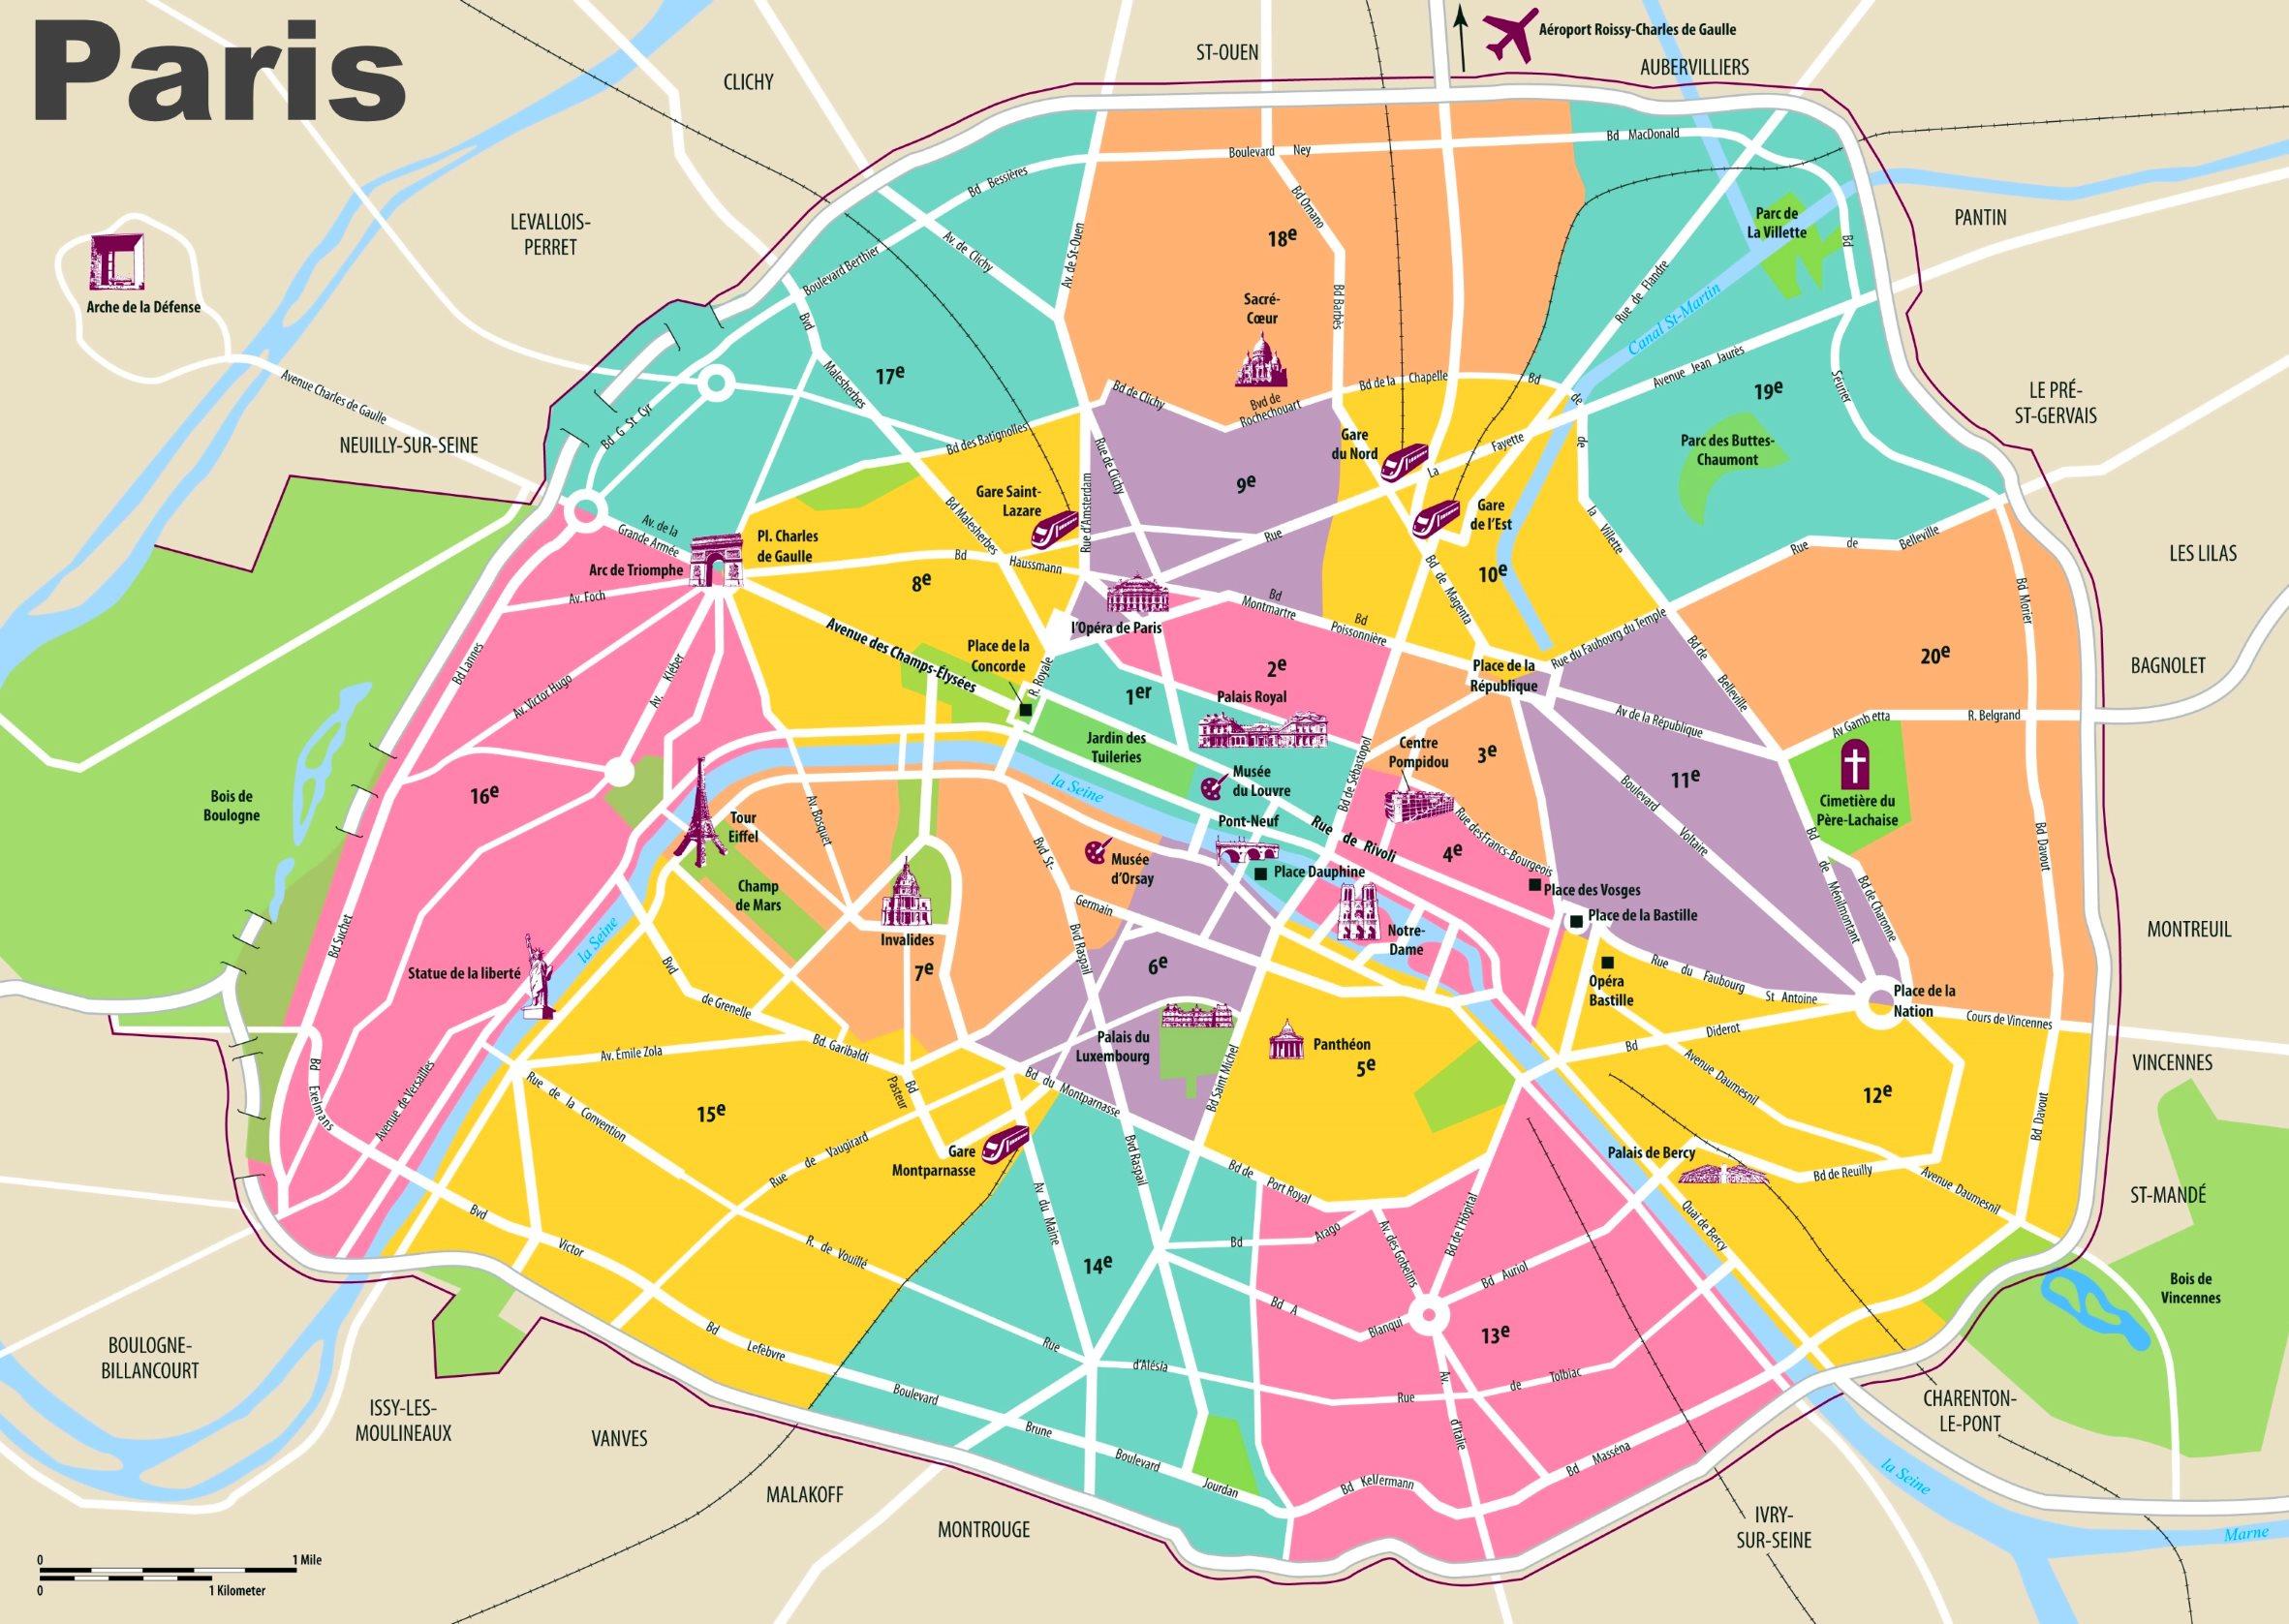 Paris Maps | France | Maps Of Paris - Printable Map Of Paris